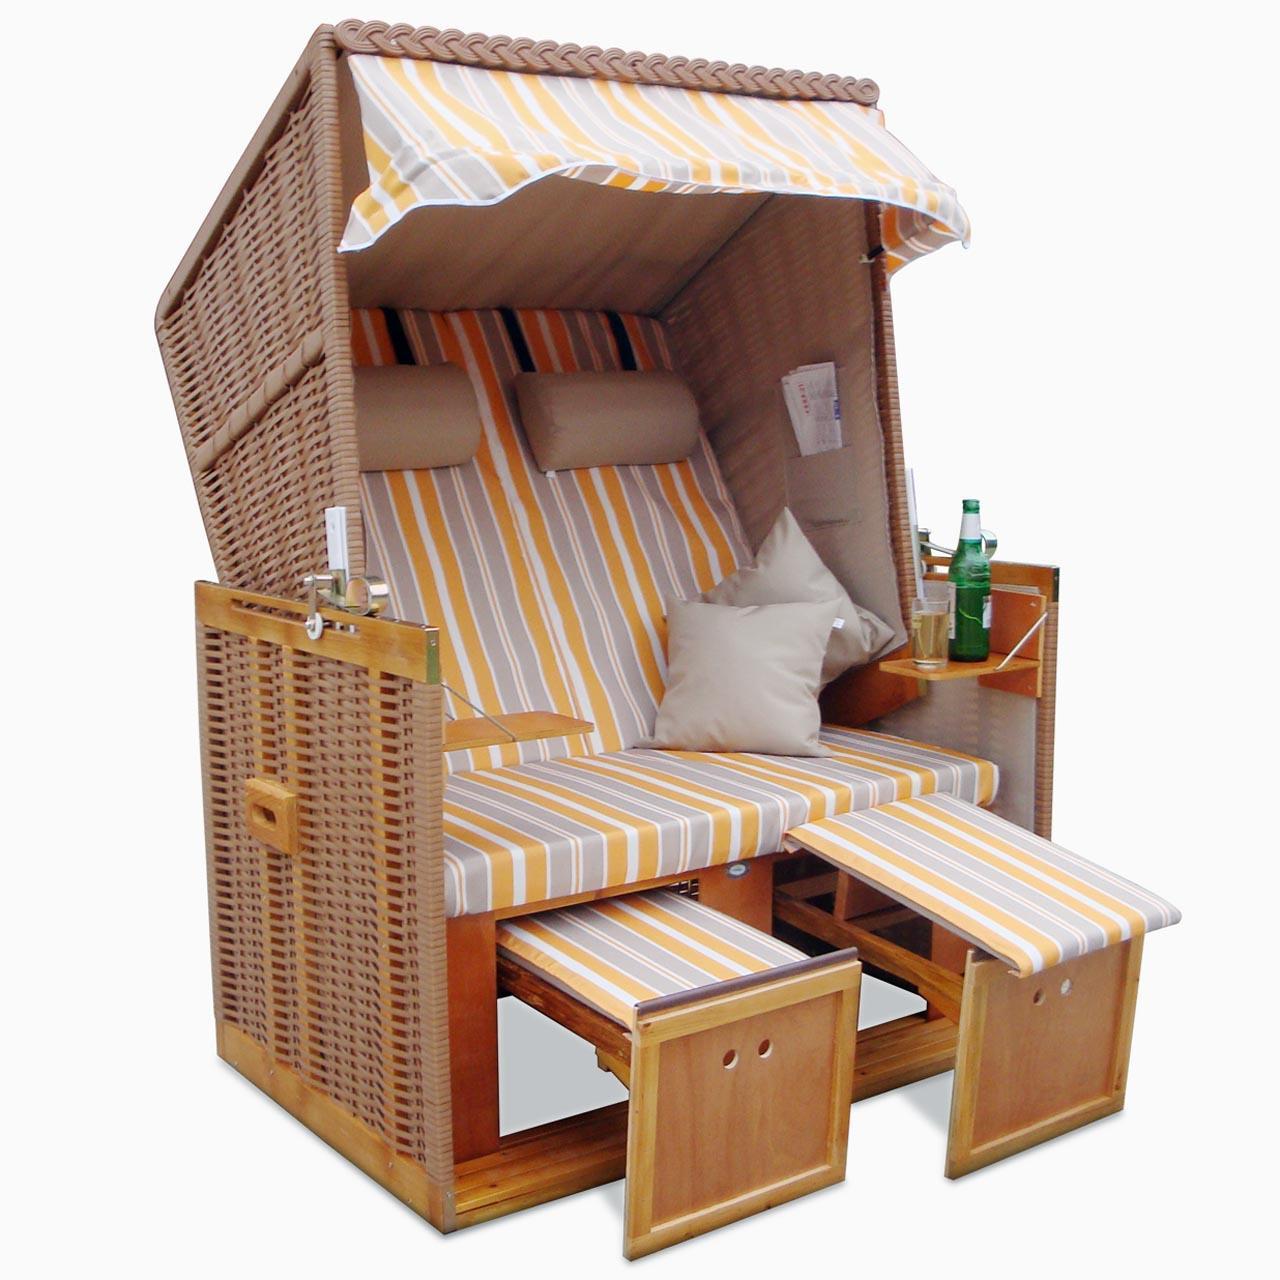 xxl premium strandkorb nordsee sonnenliege volllieger gartenm bel gartenliege ebay. Black Bedroom Furniture Sets. Home Design Ideas